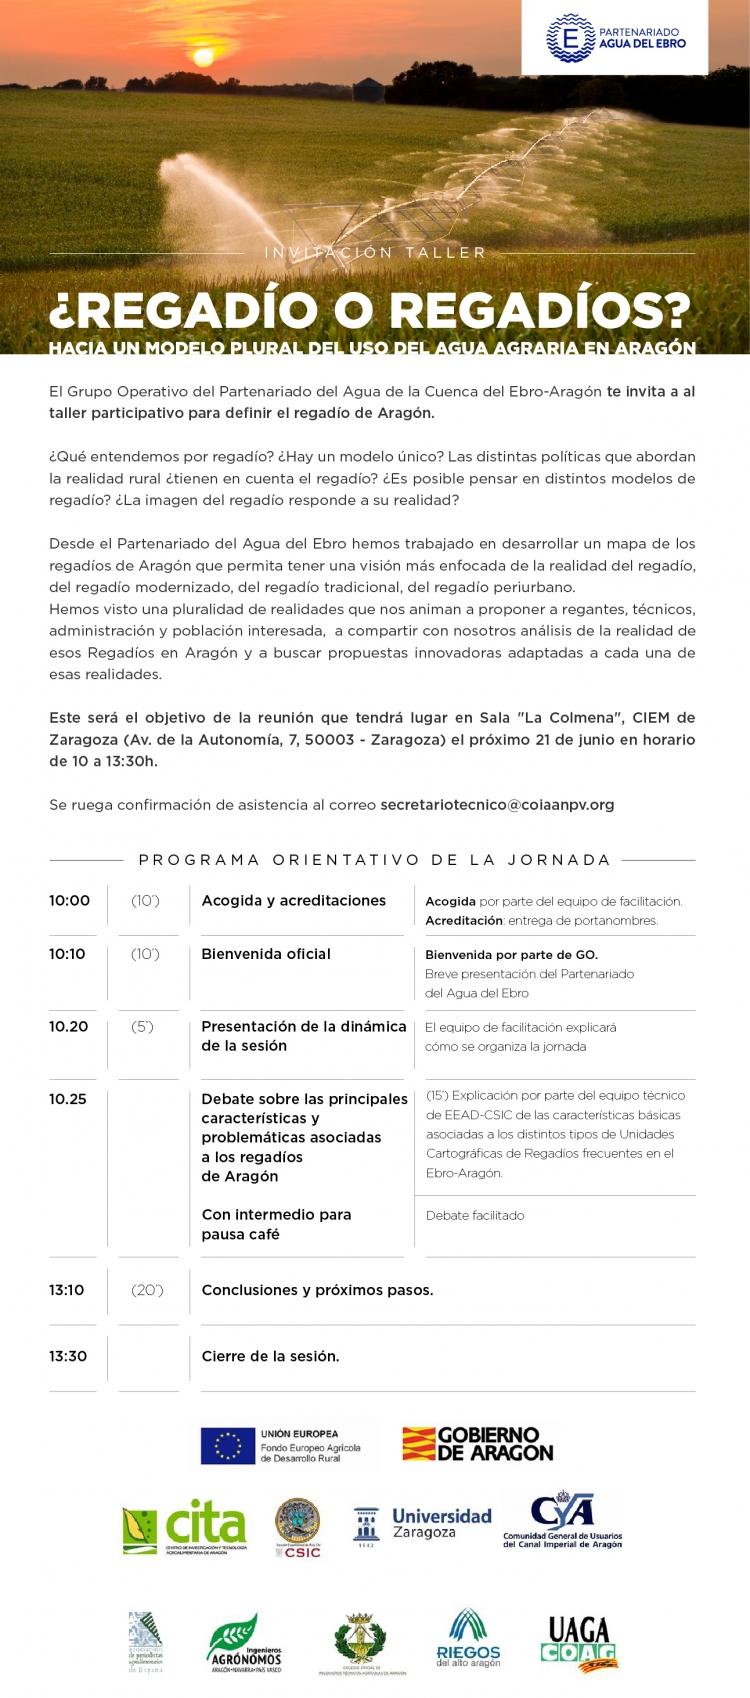 ¿Regadío o Regadíos? Hacia un modelo plural del uso del agua agraria en Aragón. Partenariado Agua del Ebro